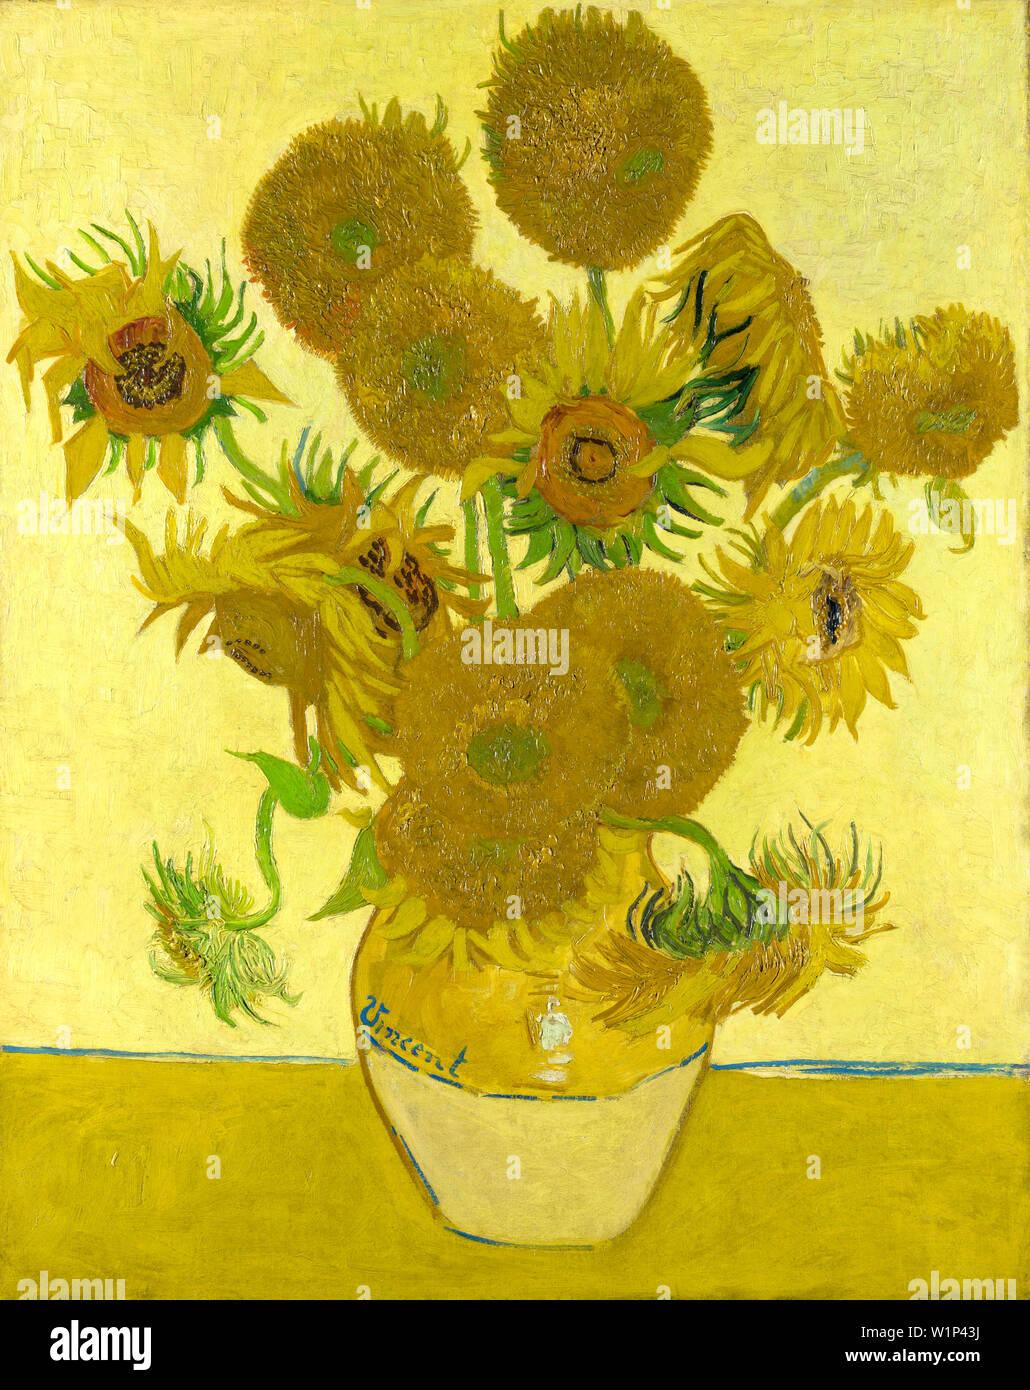 Vincent Van Gogh, los girasoles, el jarrón con catorce Girasoles, bodegón pintura, 1888 Imagen De Stock